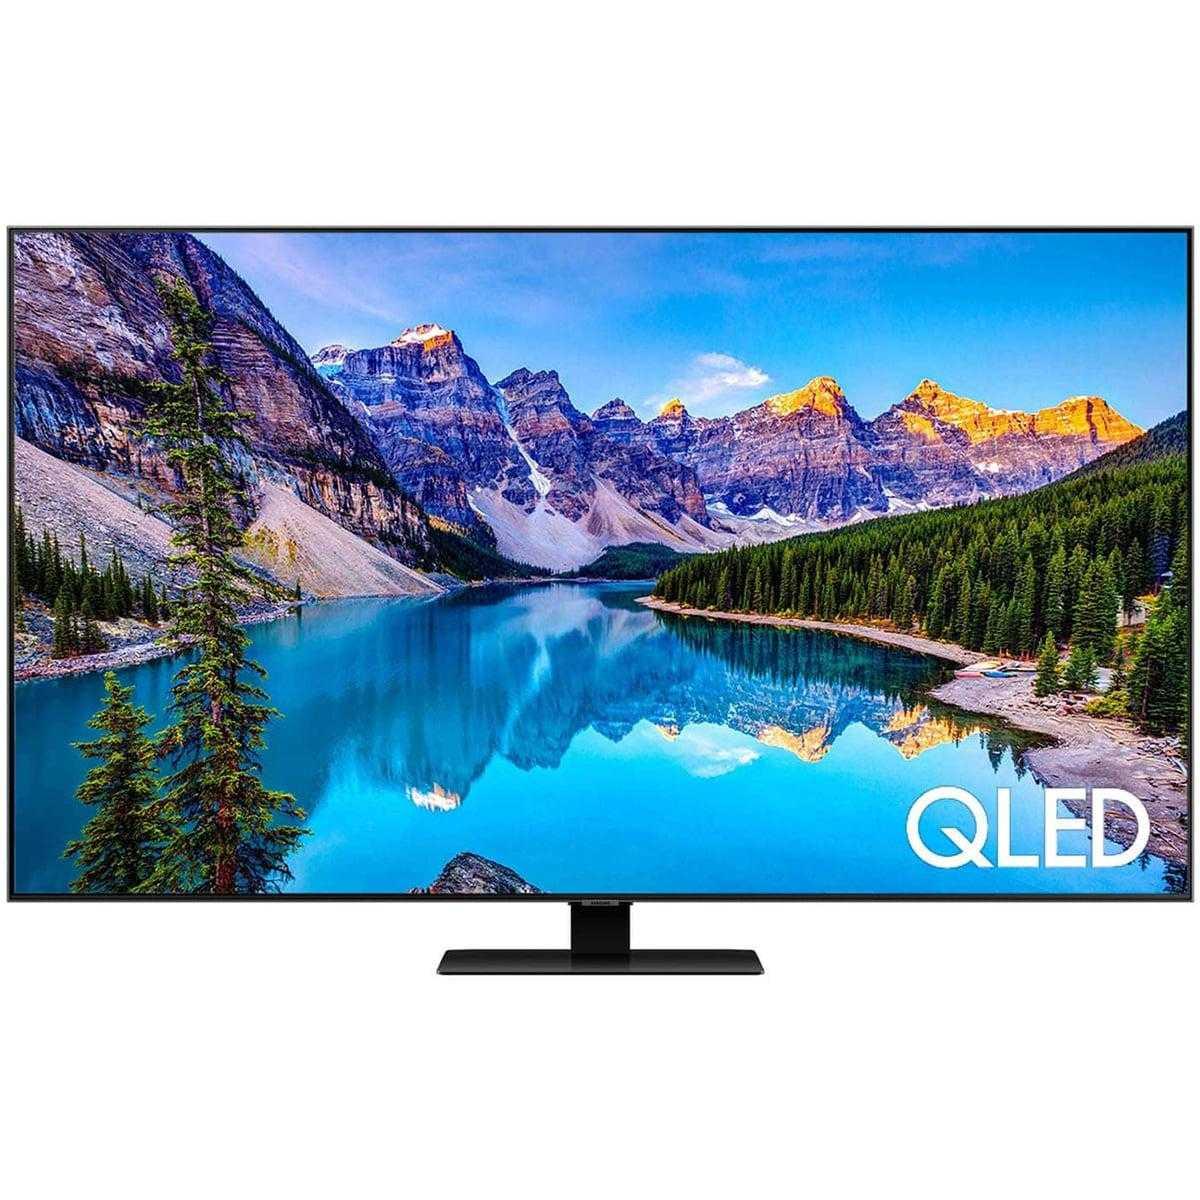 Samsung 55Q80T 55 Zoll (138cm) 4K Ultra HD 3800 PQI Flat QLED Smart TV Triple Twin Tuner, Silber LED55Q80T